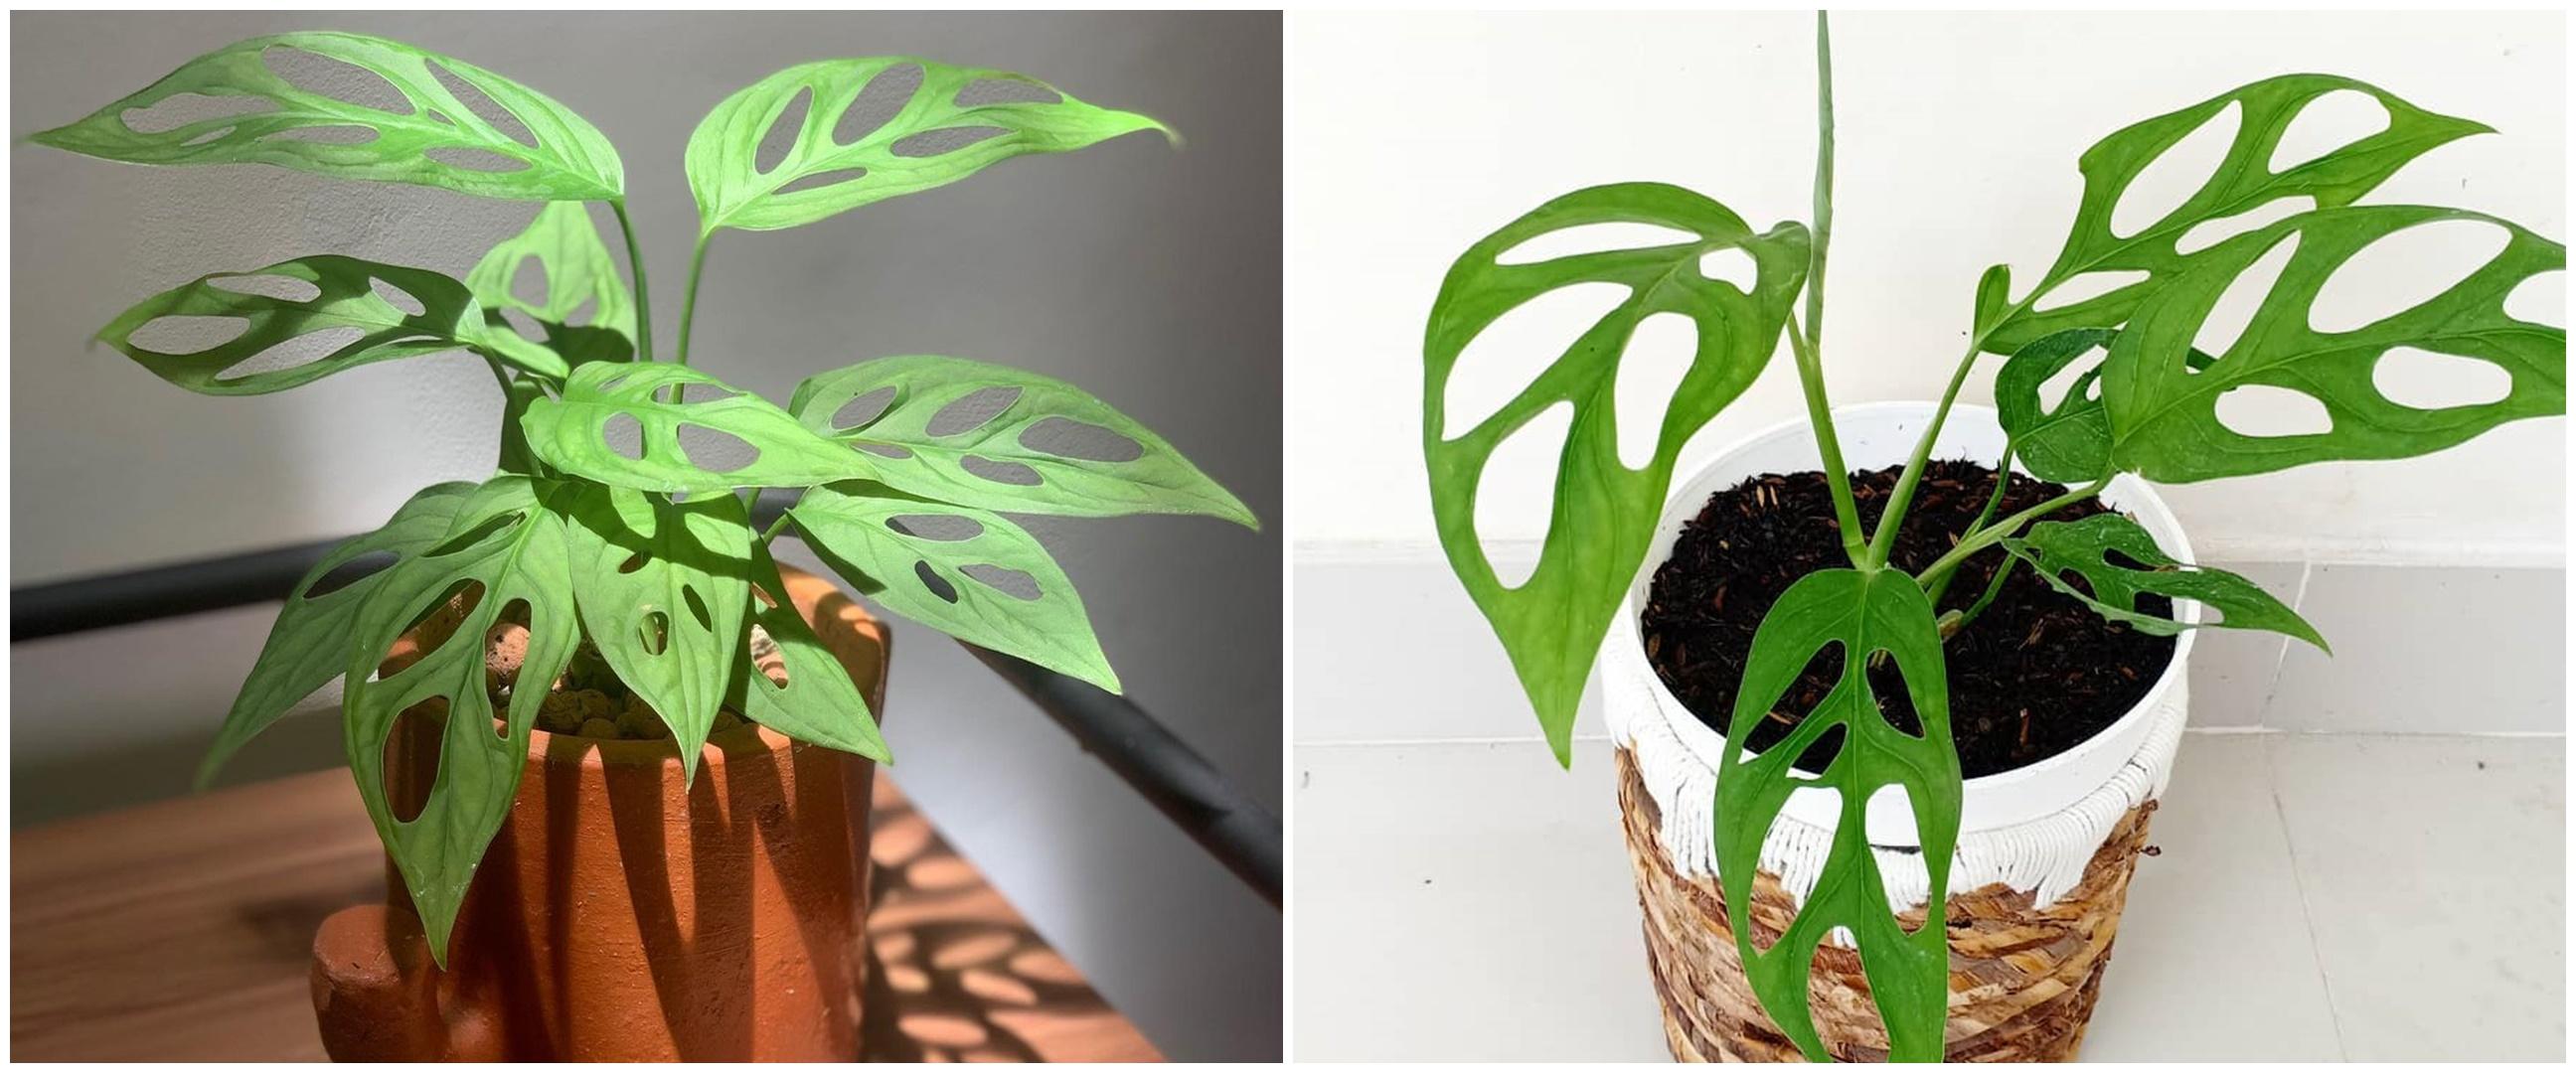 Mengenal tanaman hias janda bolong, nama latin, sejarah dan jenisnya